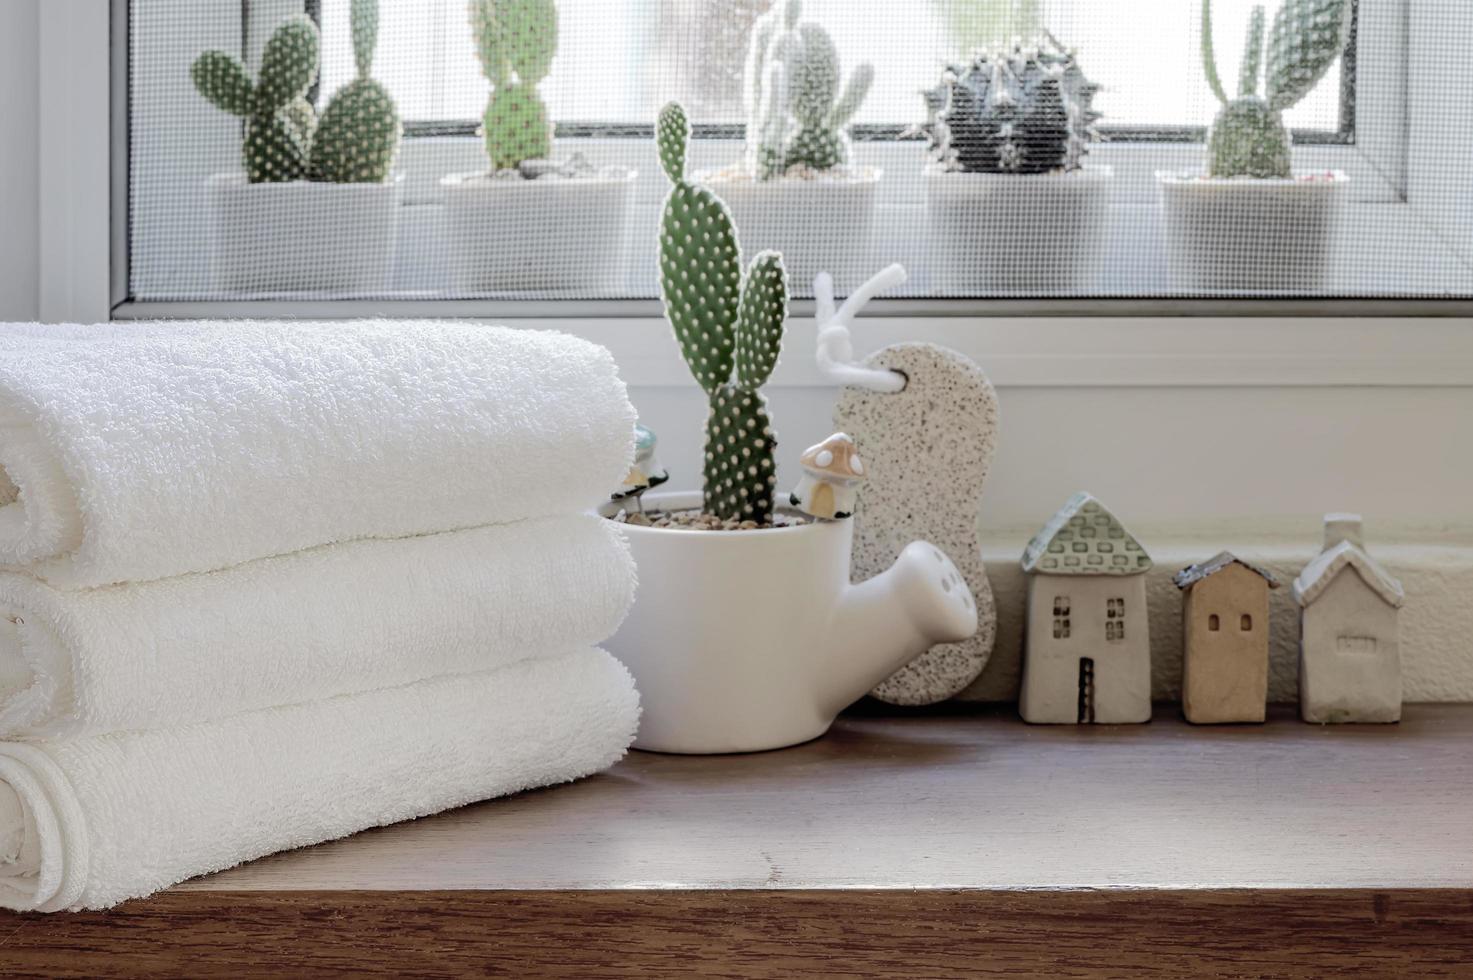 toallas limpias dobladas con planta de interior sobre mostrador de madera foto